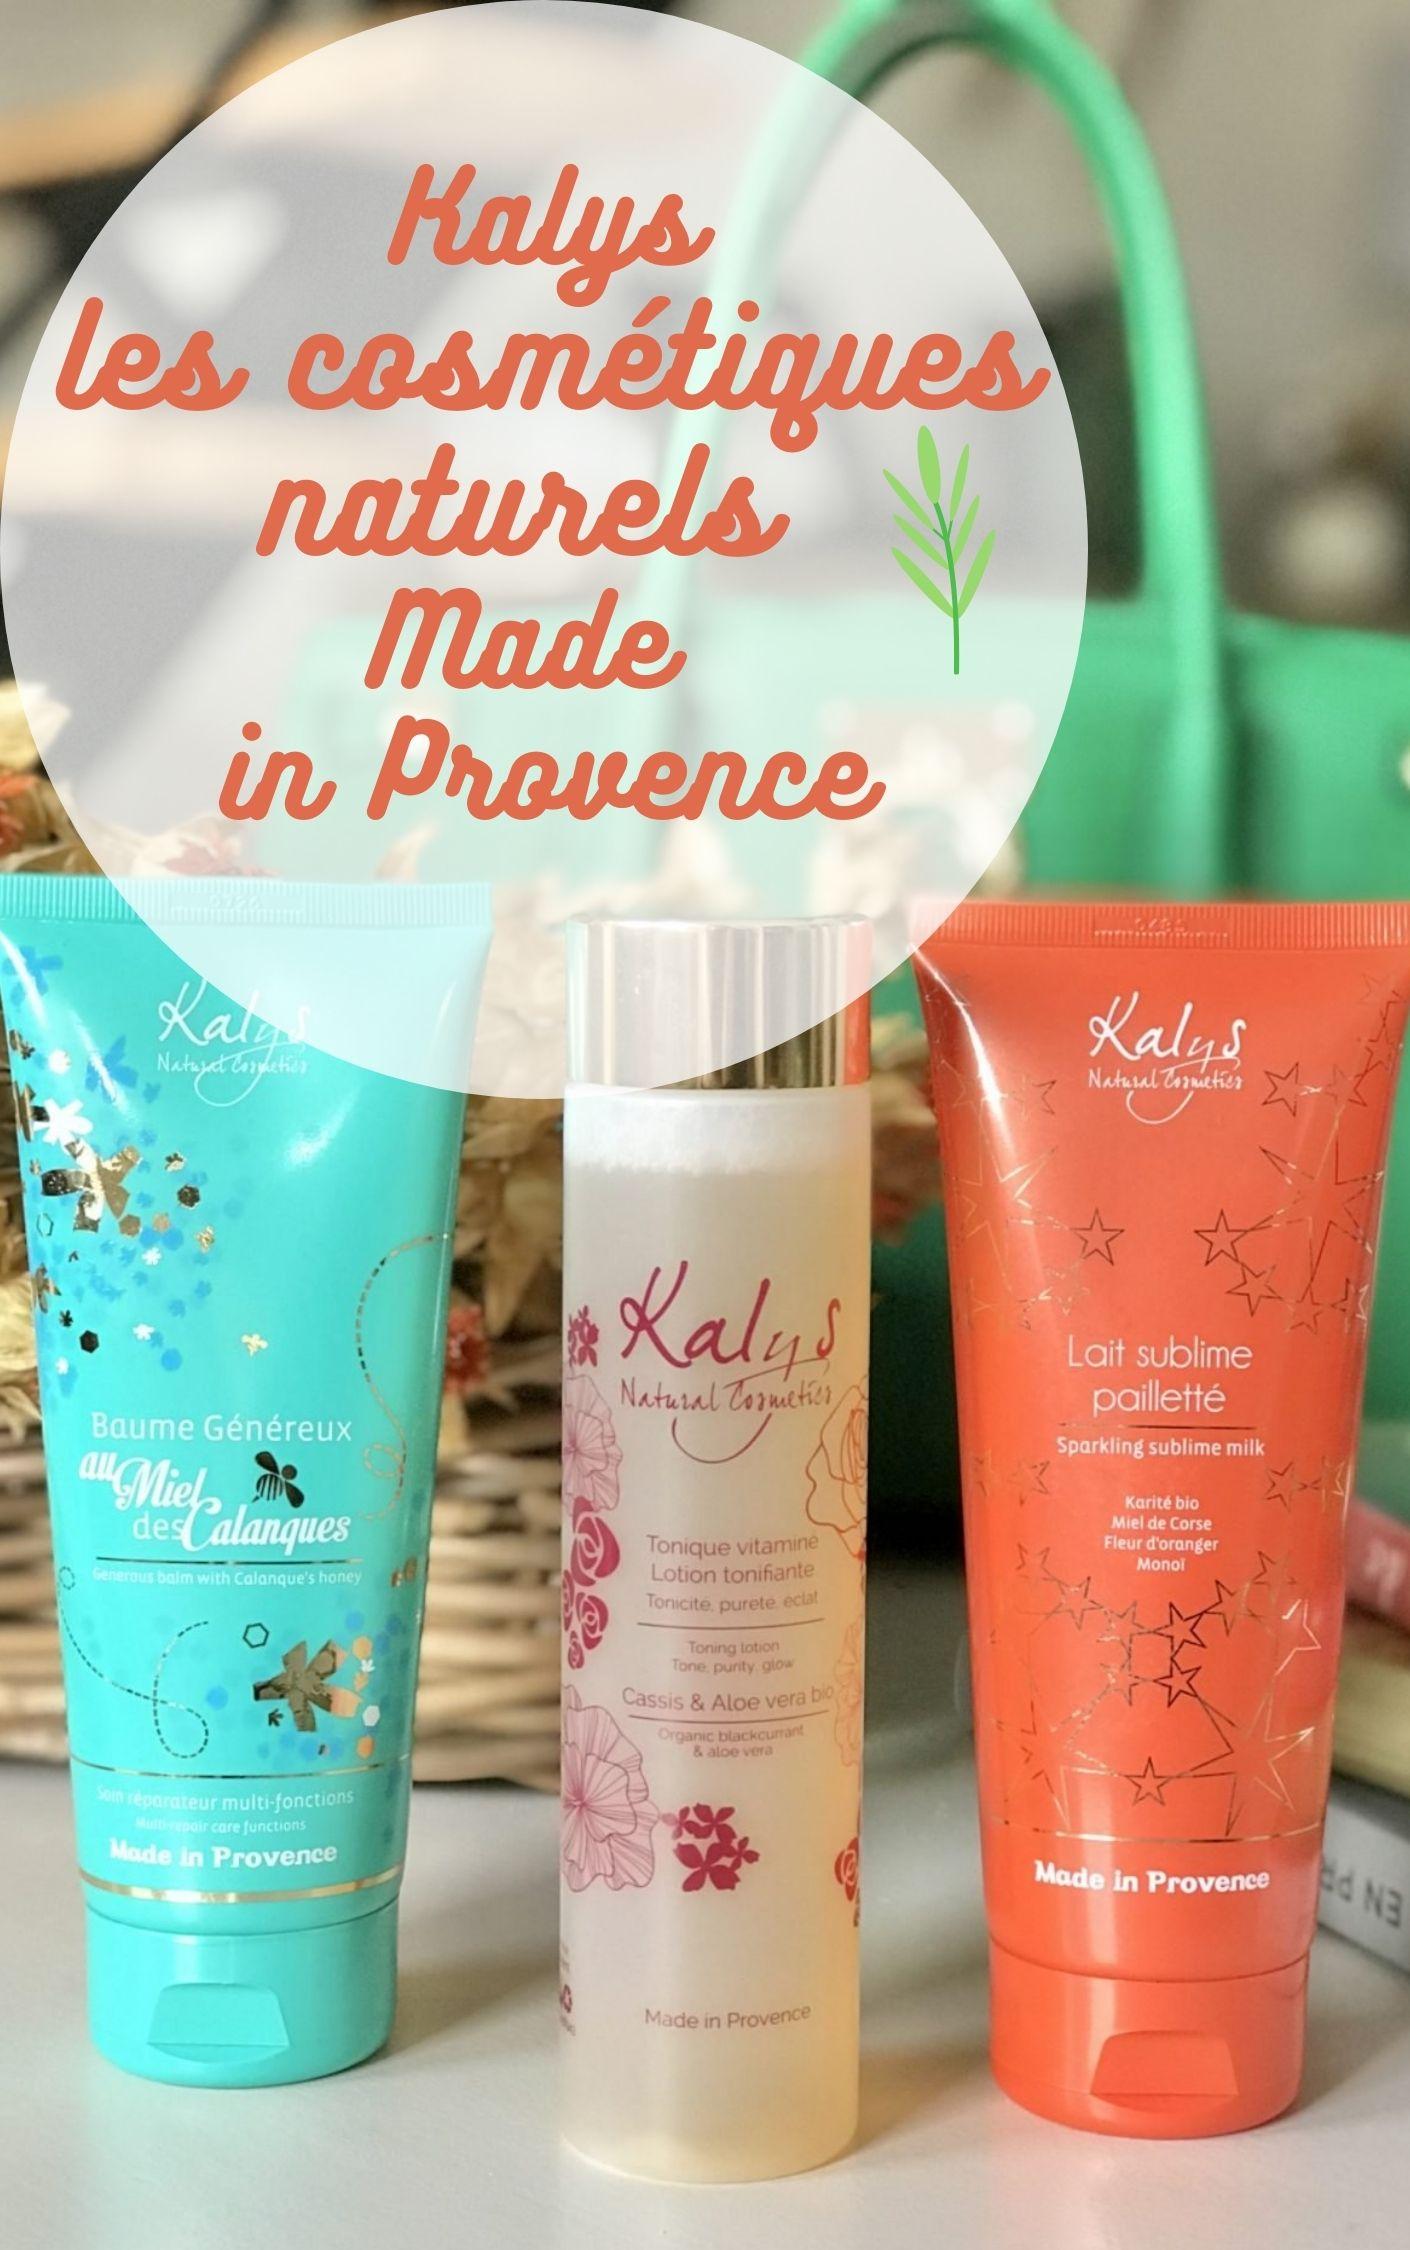 cosmétiques naturels fabriqués en provence